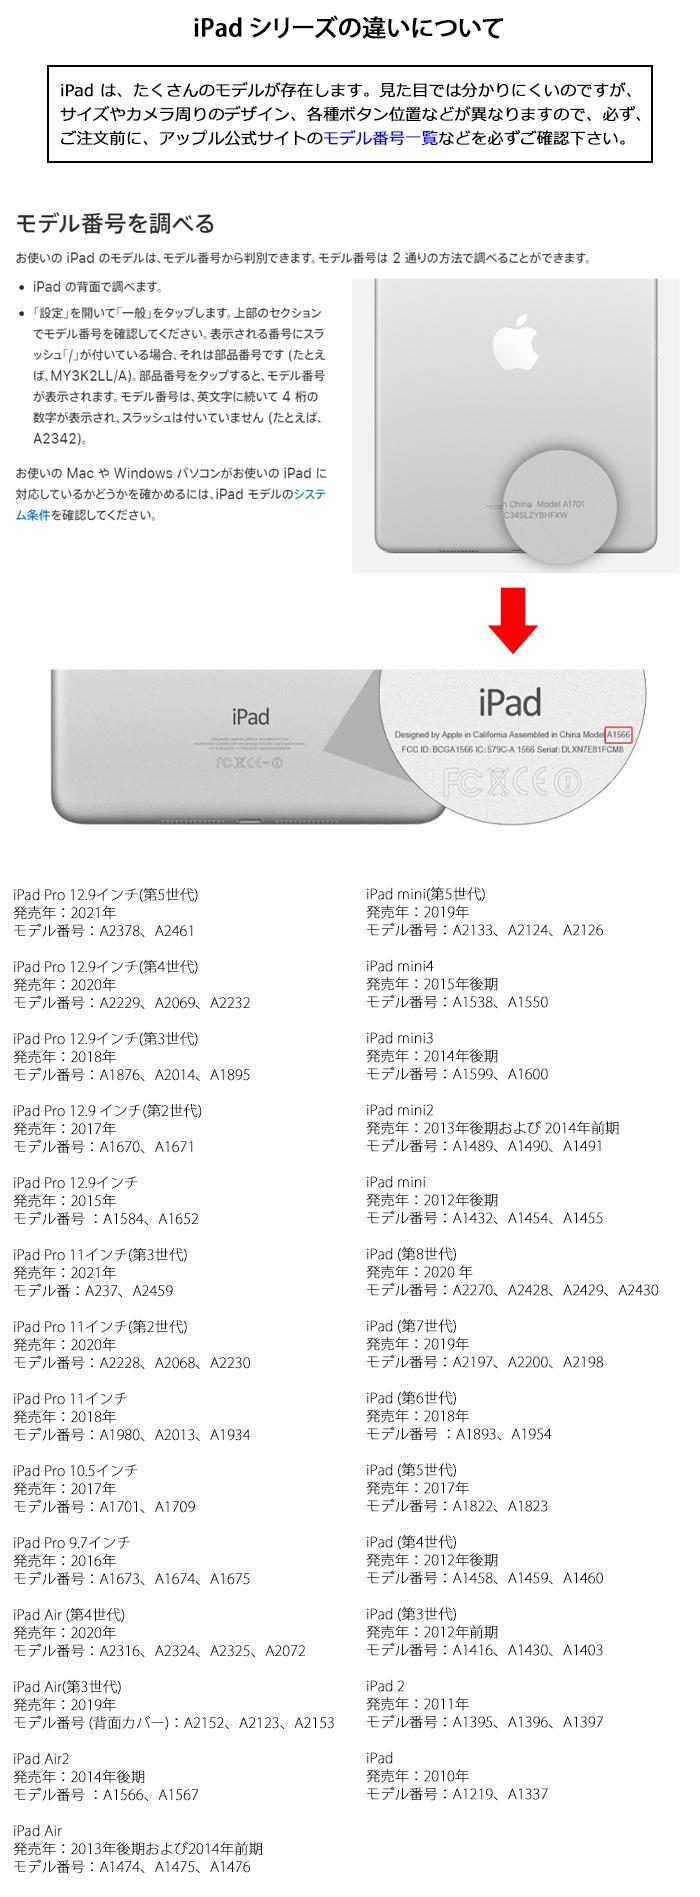 iPad Pro(9.7インチ) Air2 Air mini mini2 mini3 mini4 ケース スマート カバー 取り外し可能なスケルトンケース付